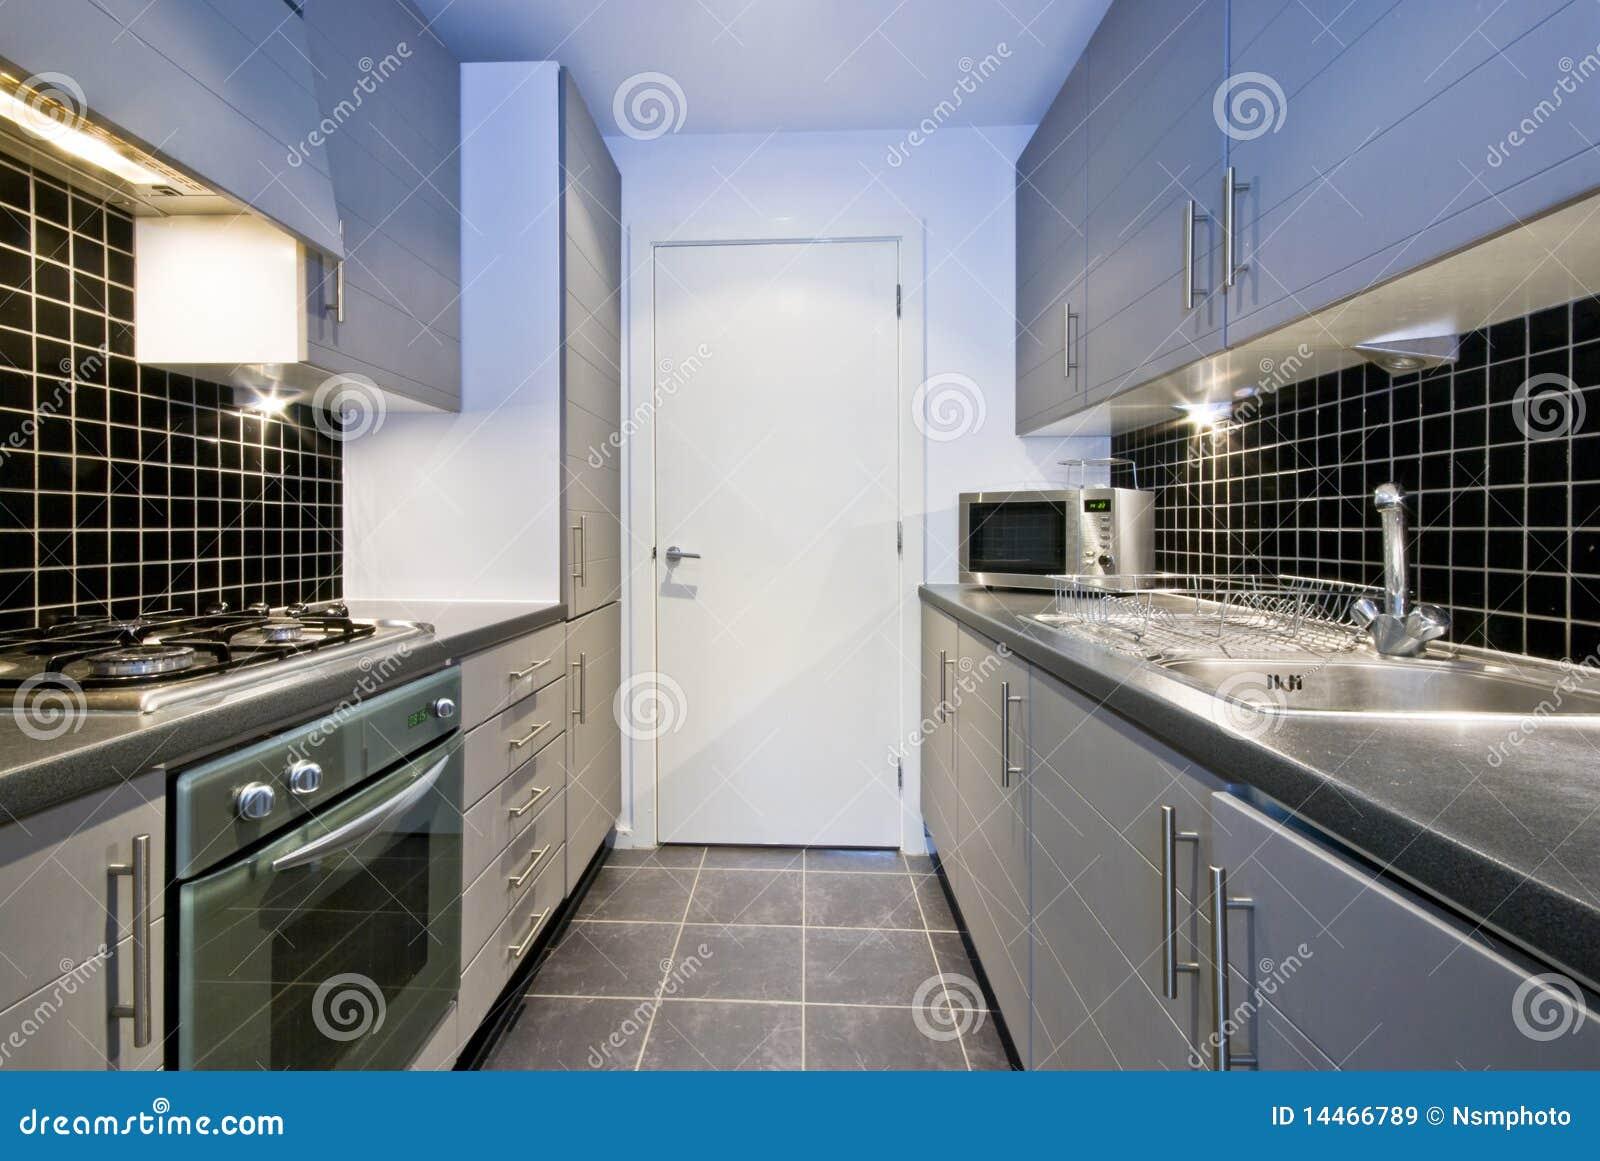 moderne silberne k che mit schwarzen fliesen lizenzfreie stockbilder bild 14466789. Black Bedroom Furniture Sets. Home Design Ideas